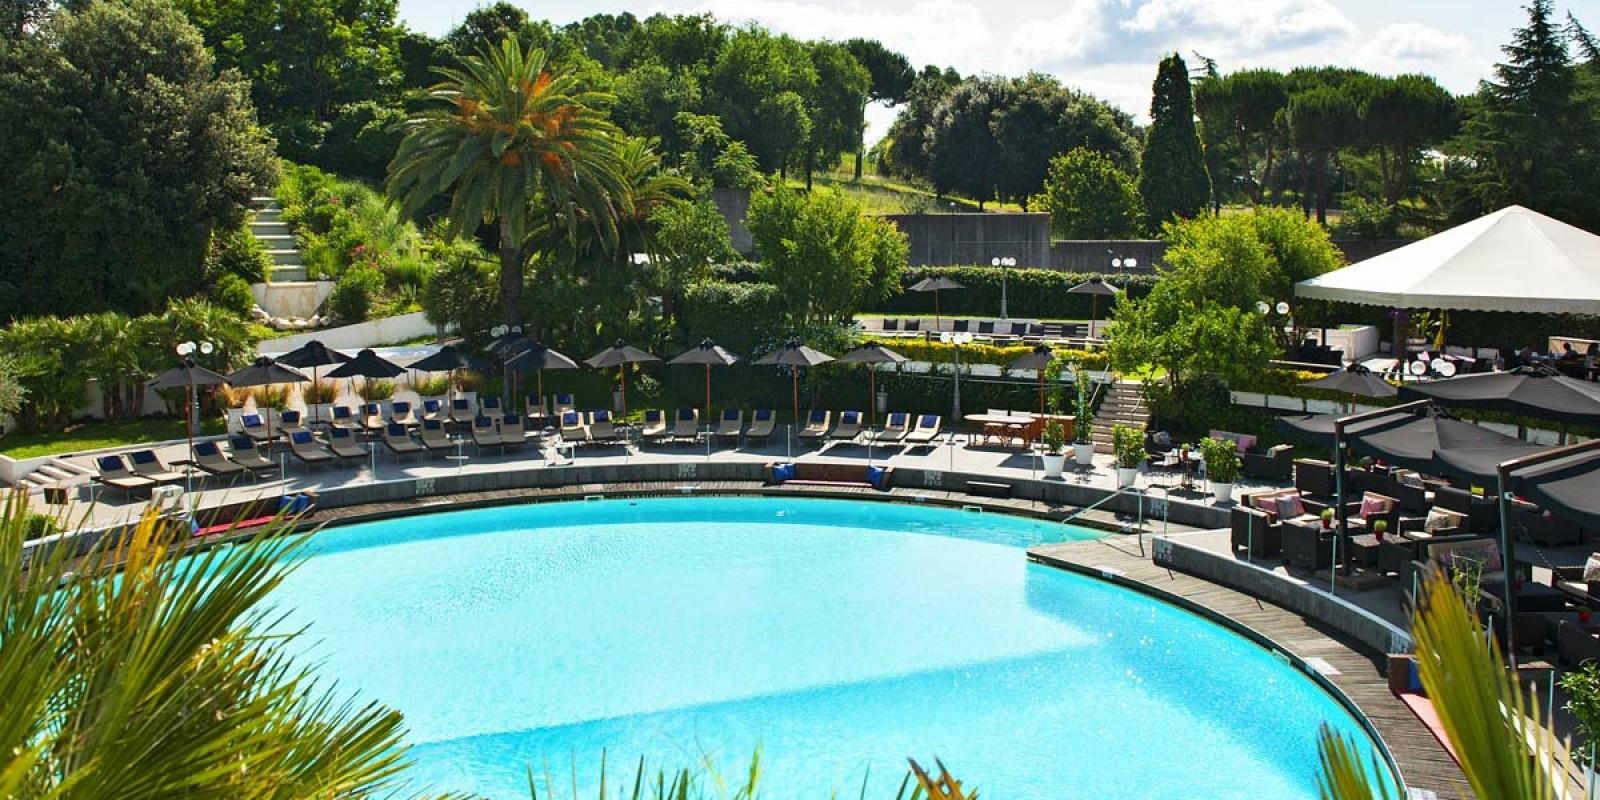 Dove rinfrescarsi in piscina a Roma in estate